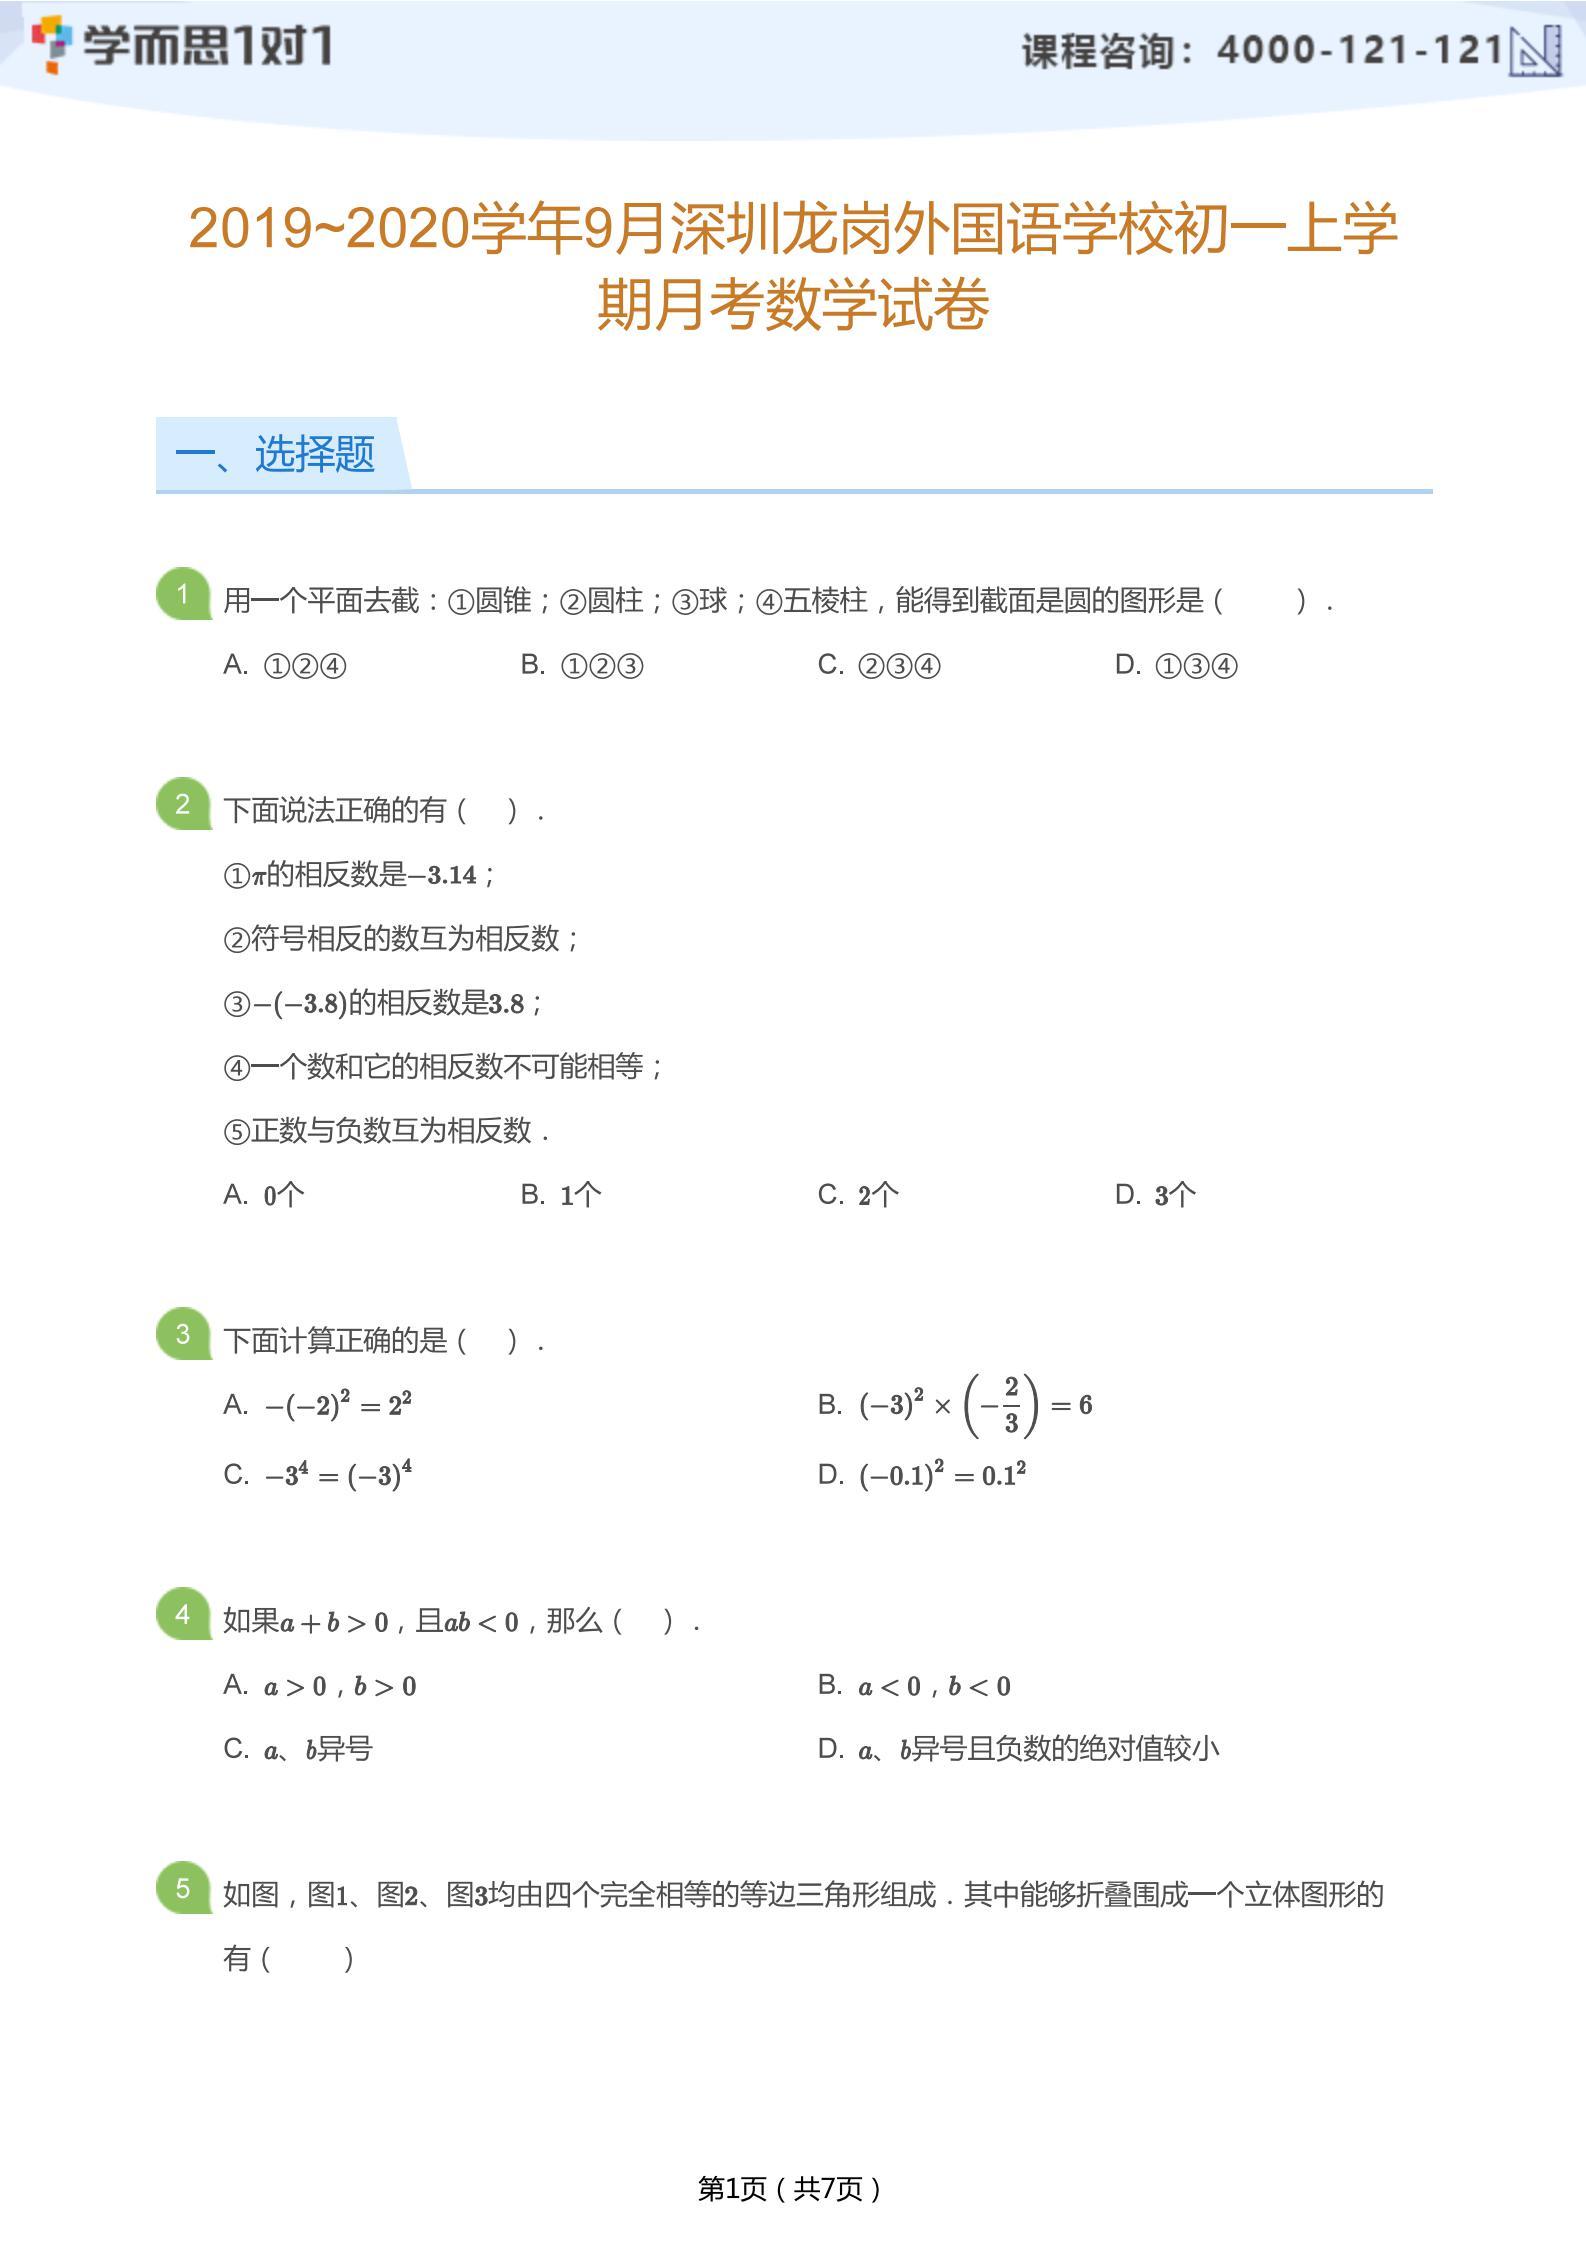 2019-2020学年9月深圳龙岗外国语学校初一上学期9月月考数学试卷及答案